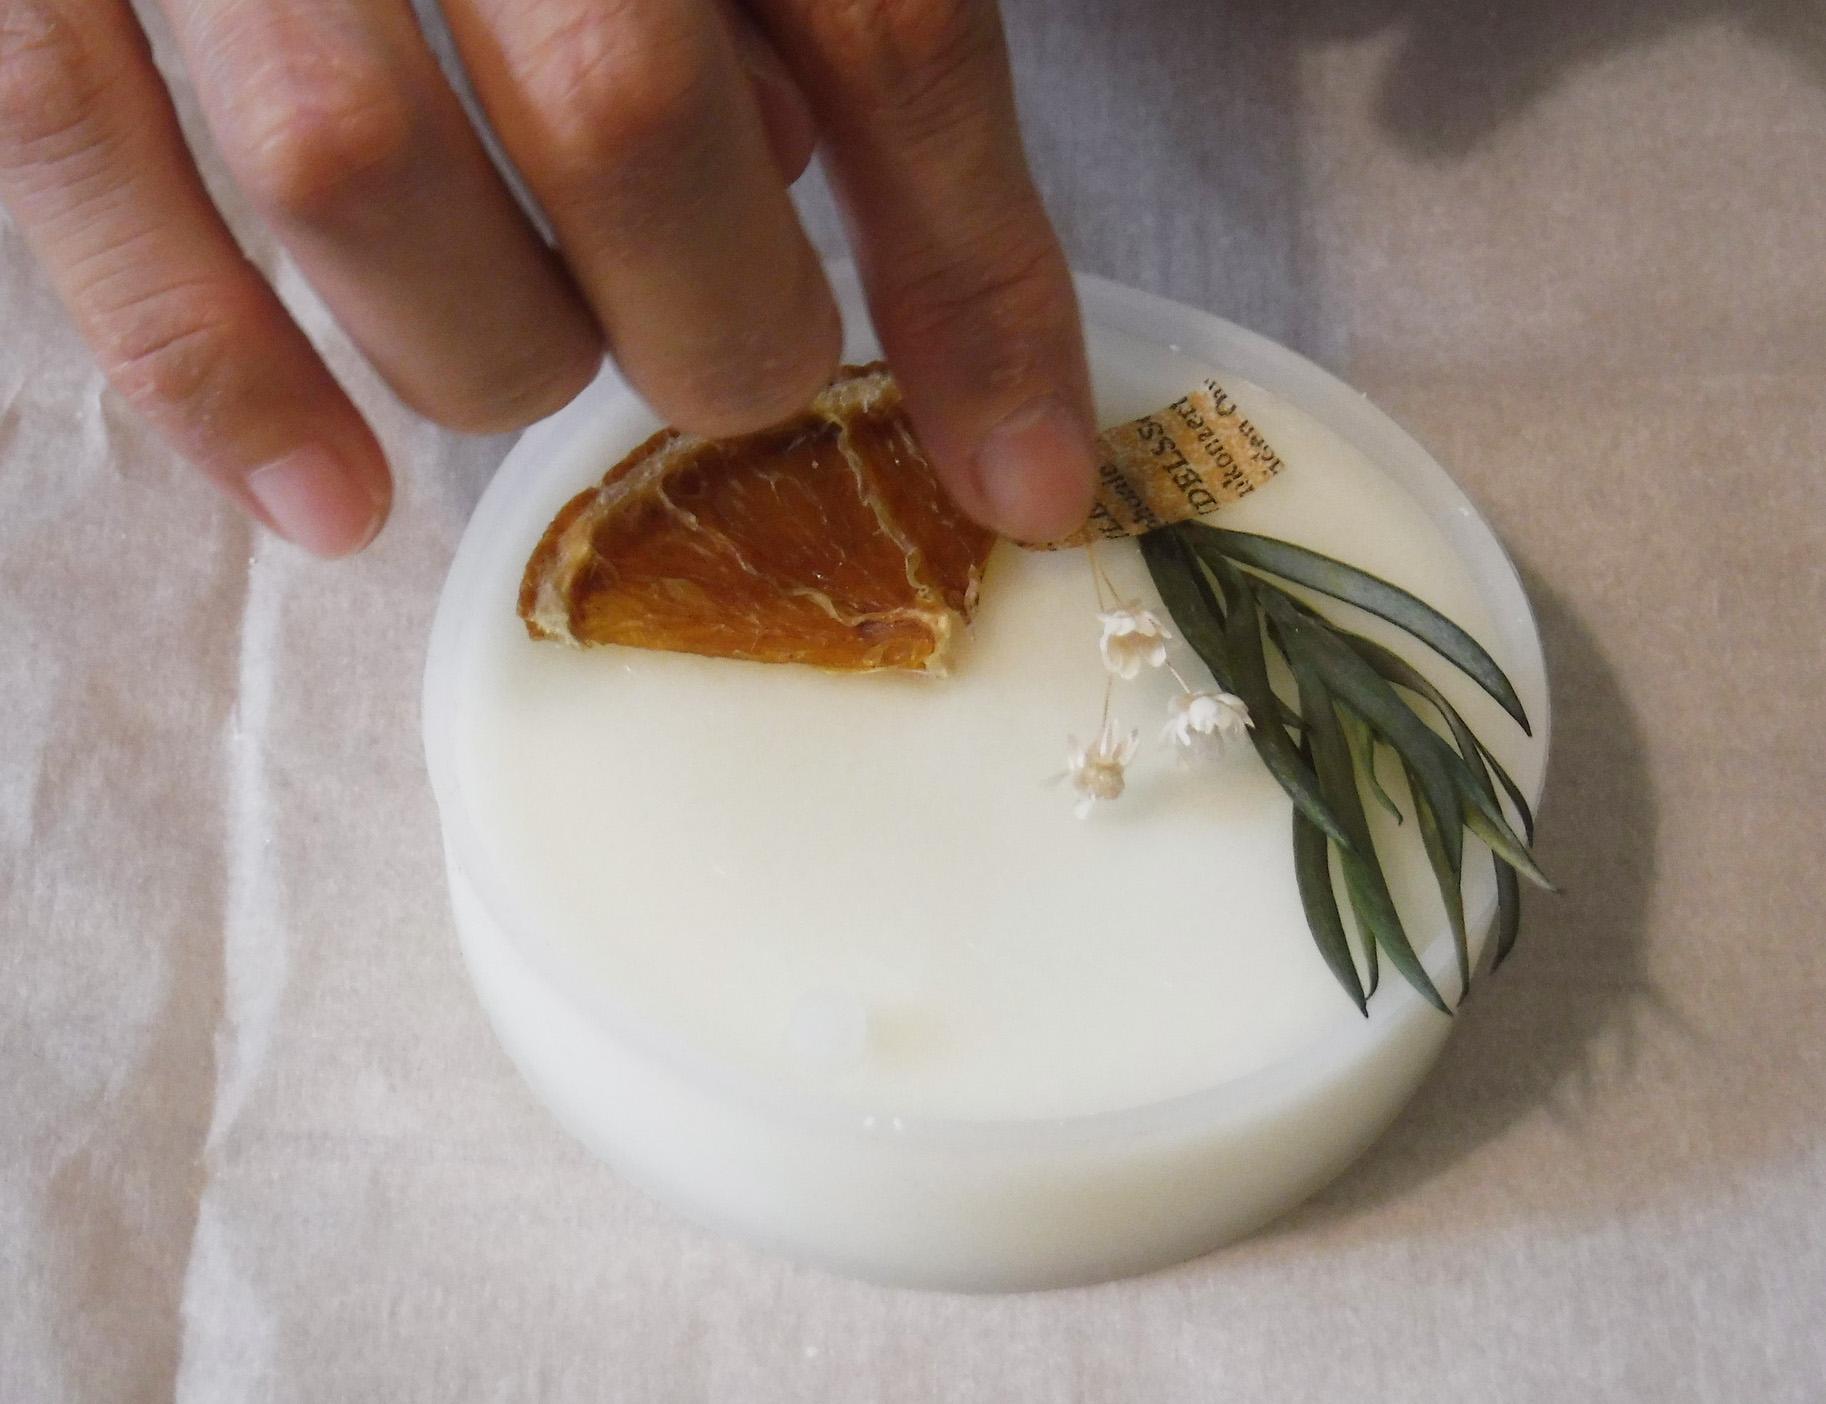 キャンドルの素材である蝋とアロマオイル、ドライフラワーがあれば作れますよ。蝋を溶かす→フレグランスオイルを加える→ドライフラワーを乗せる、で完成。ちょっとしたプレゼントにもいいですね。